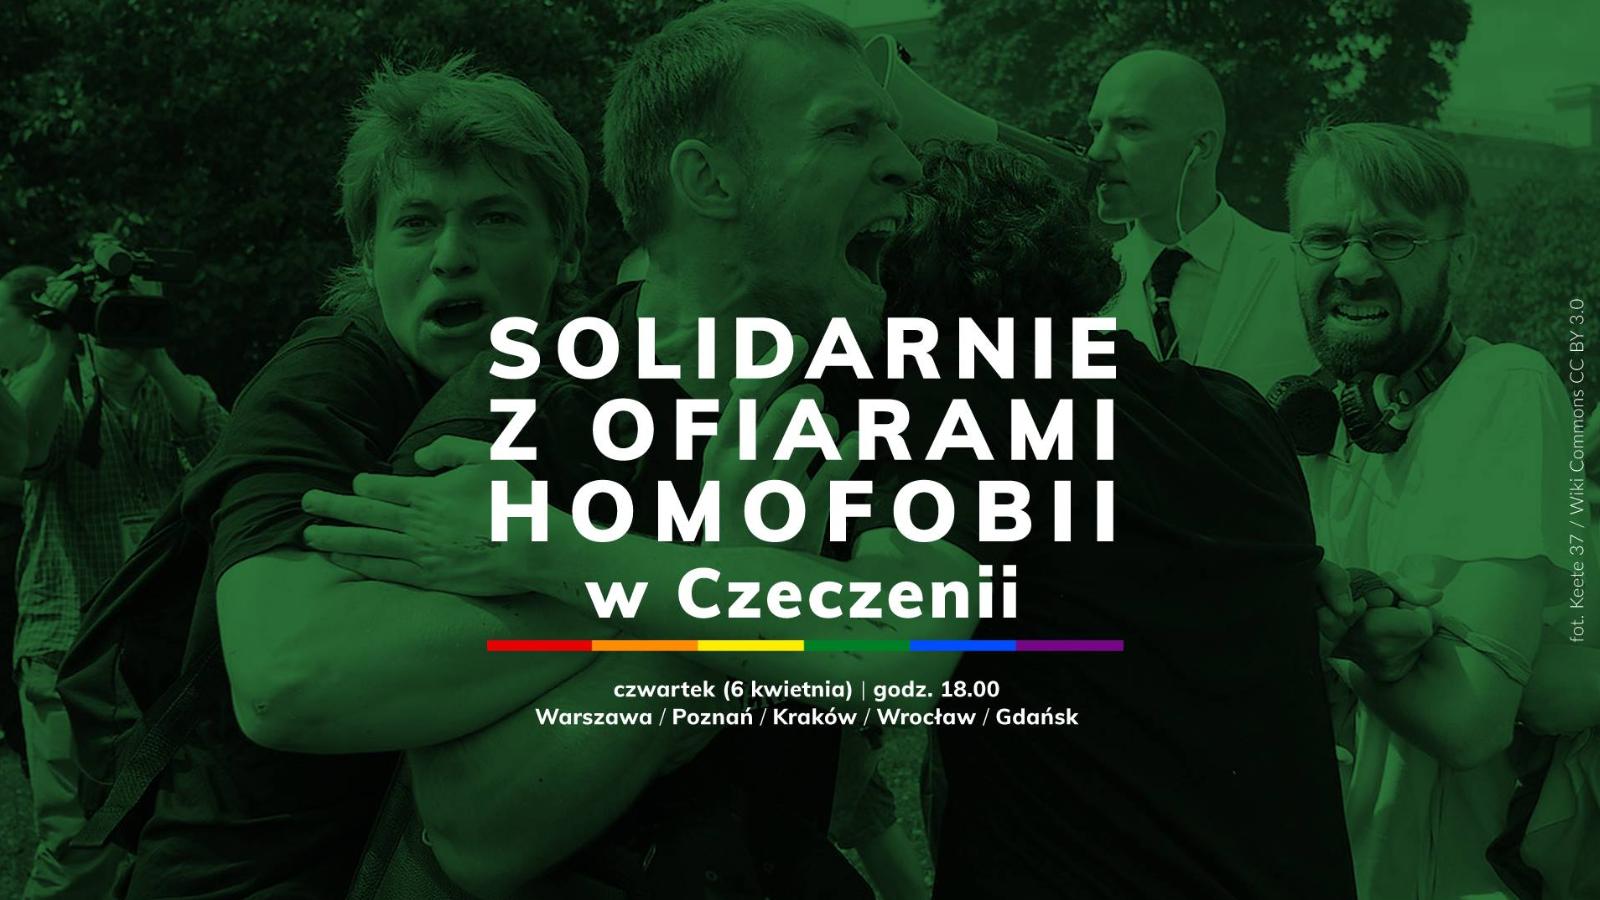 Solidarnie z ofiarami homofobii w Czeczenii